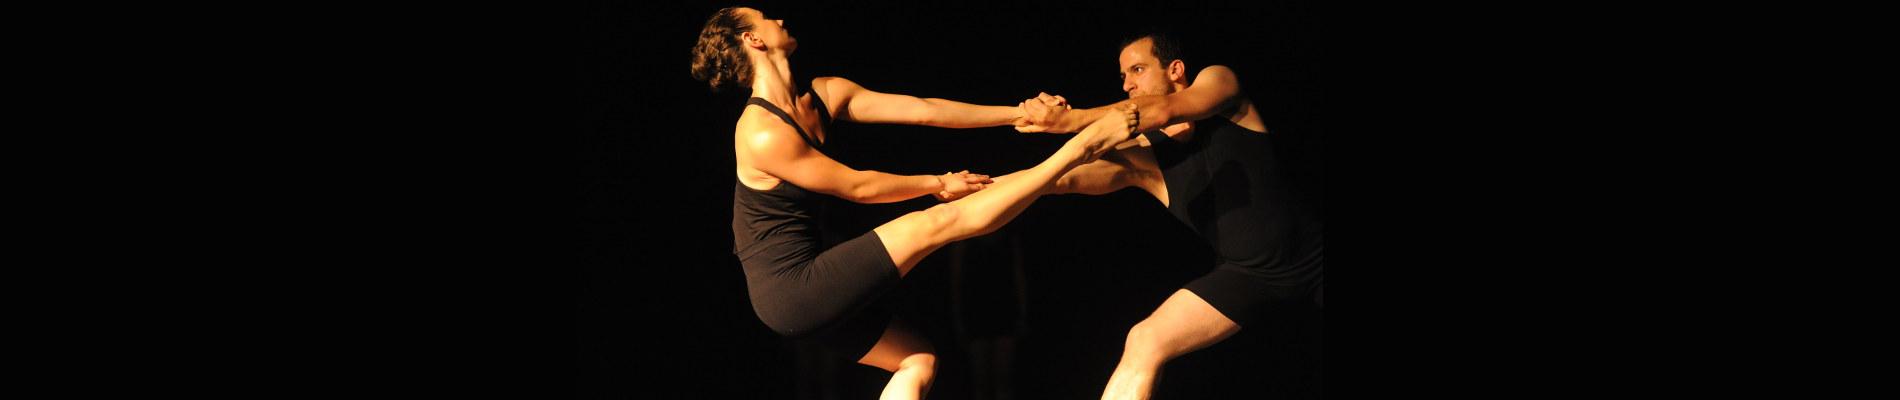 أنسمبل راقصي الأكاديمية